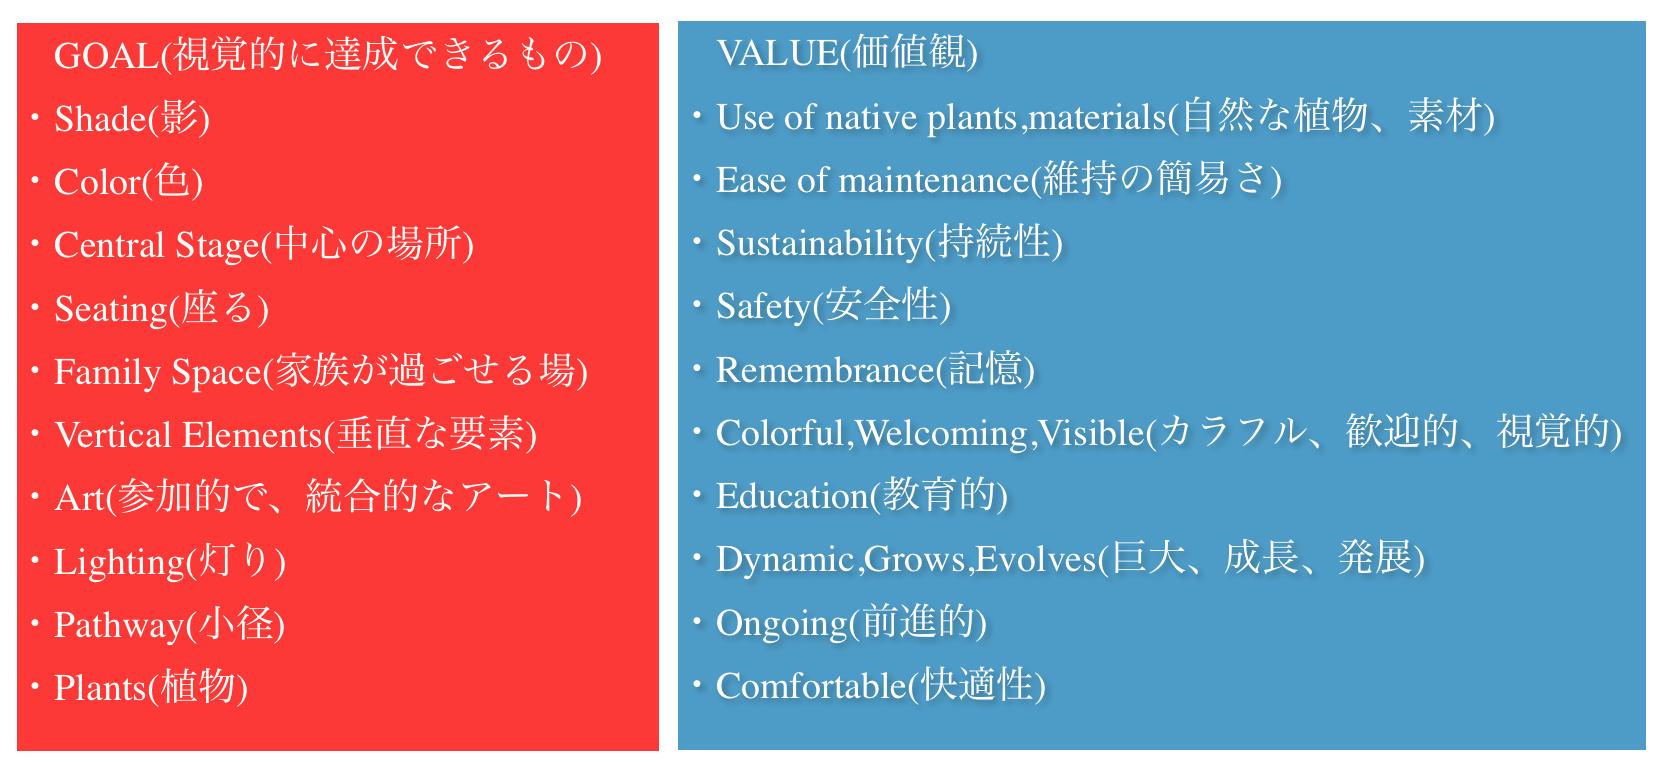 GOALとVALUEの分類例(図版:Pomegranate Centerの資料に筆者加筆)